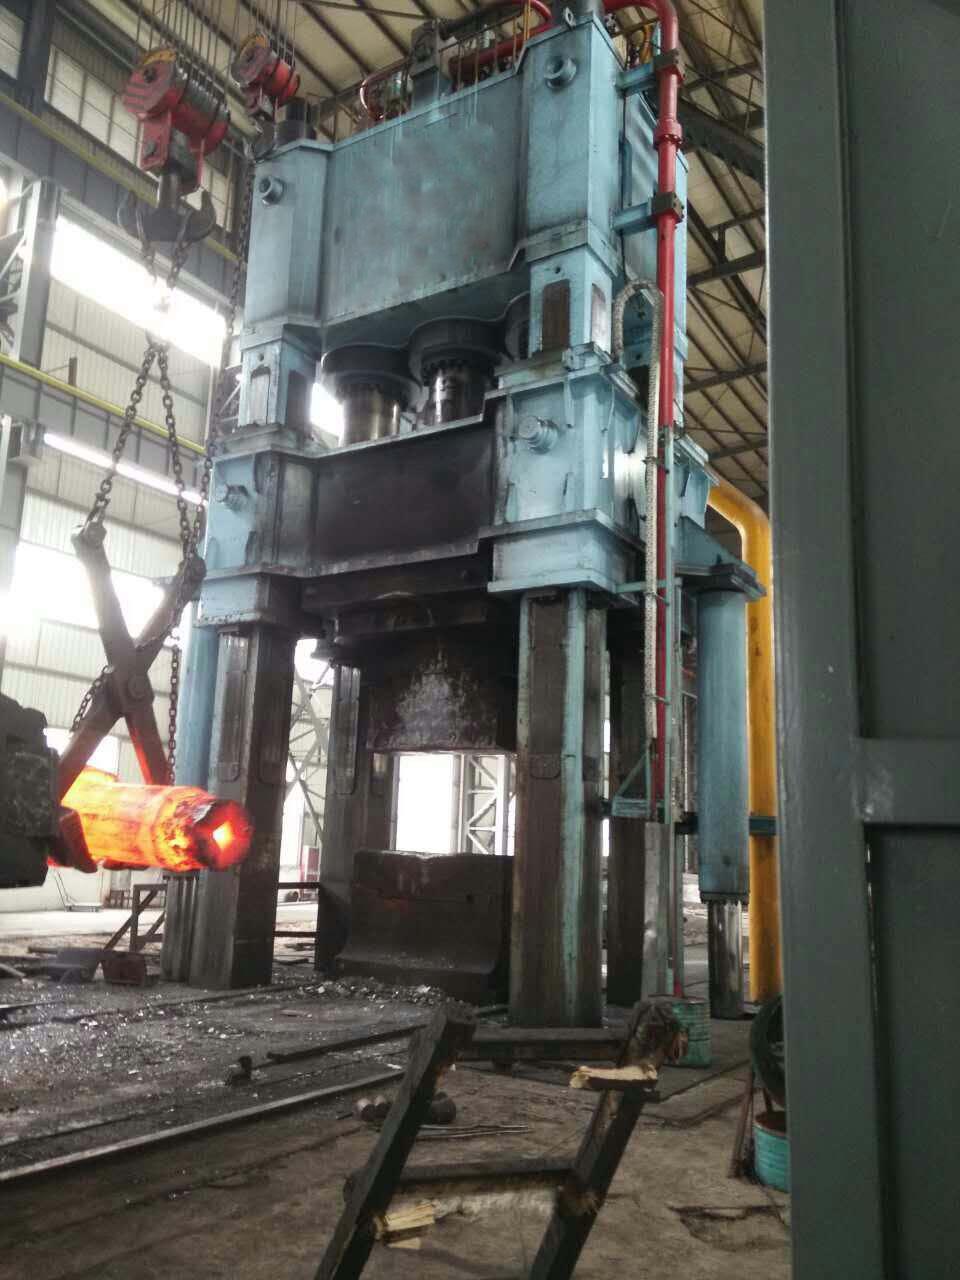 【图文】专业生产锻造液压机_盐城锻造液压机公司